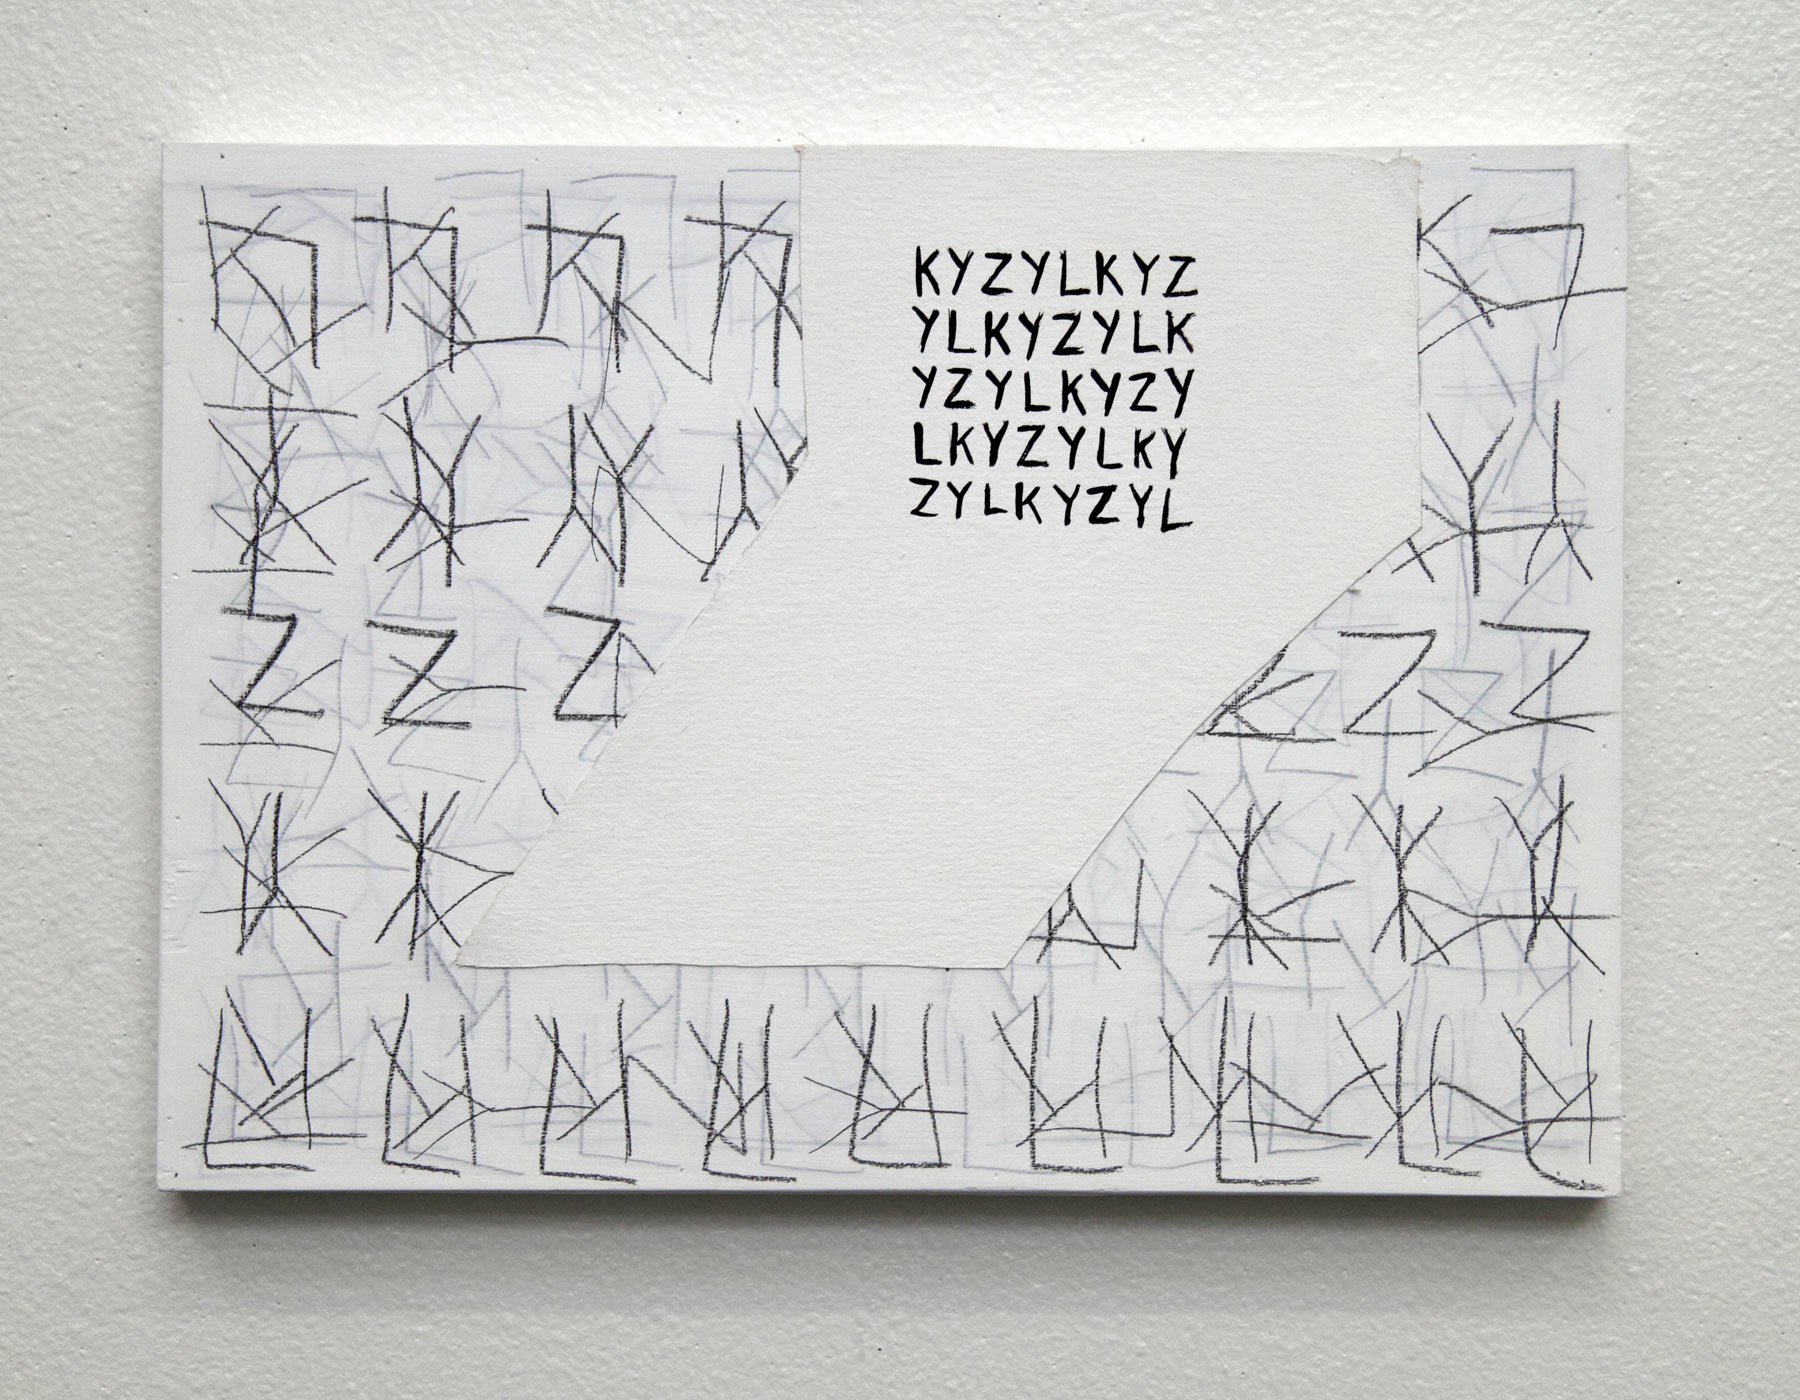 Kyzyl